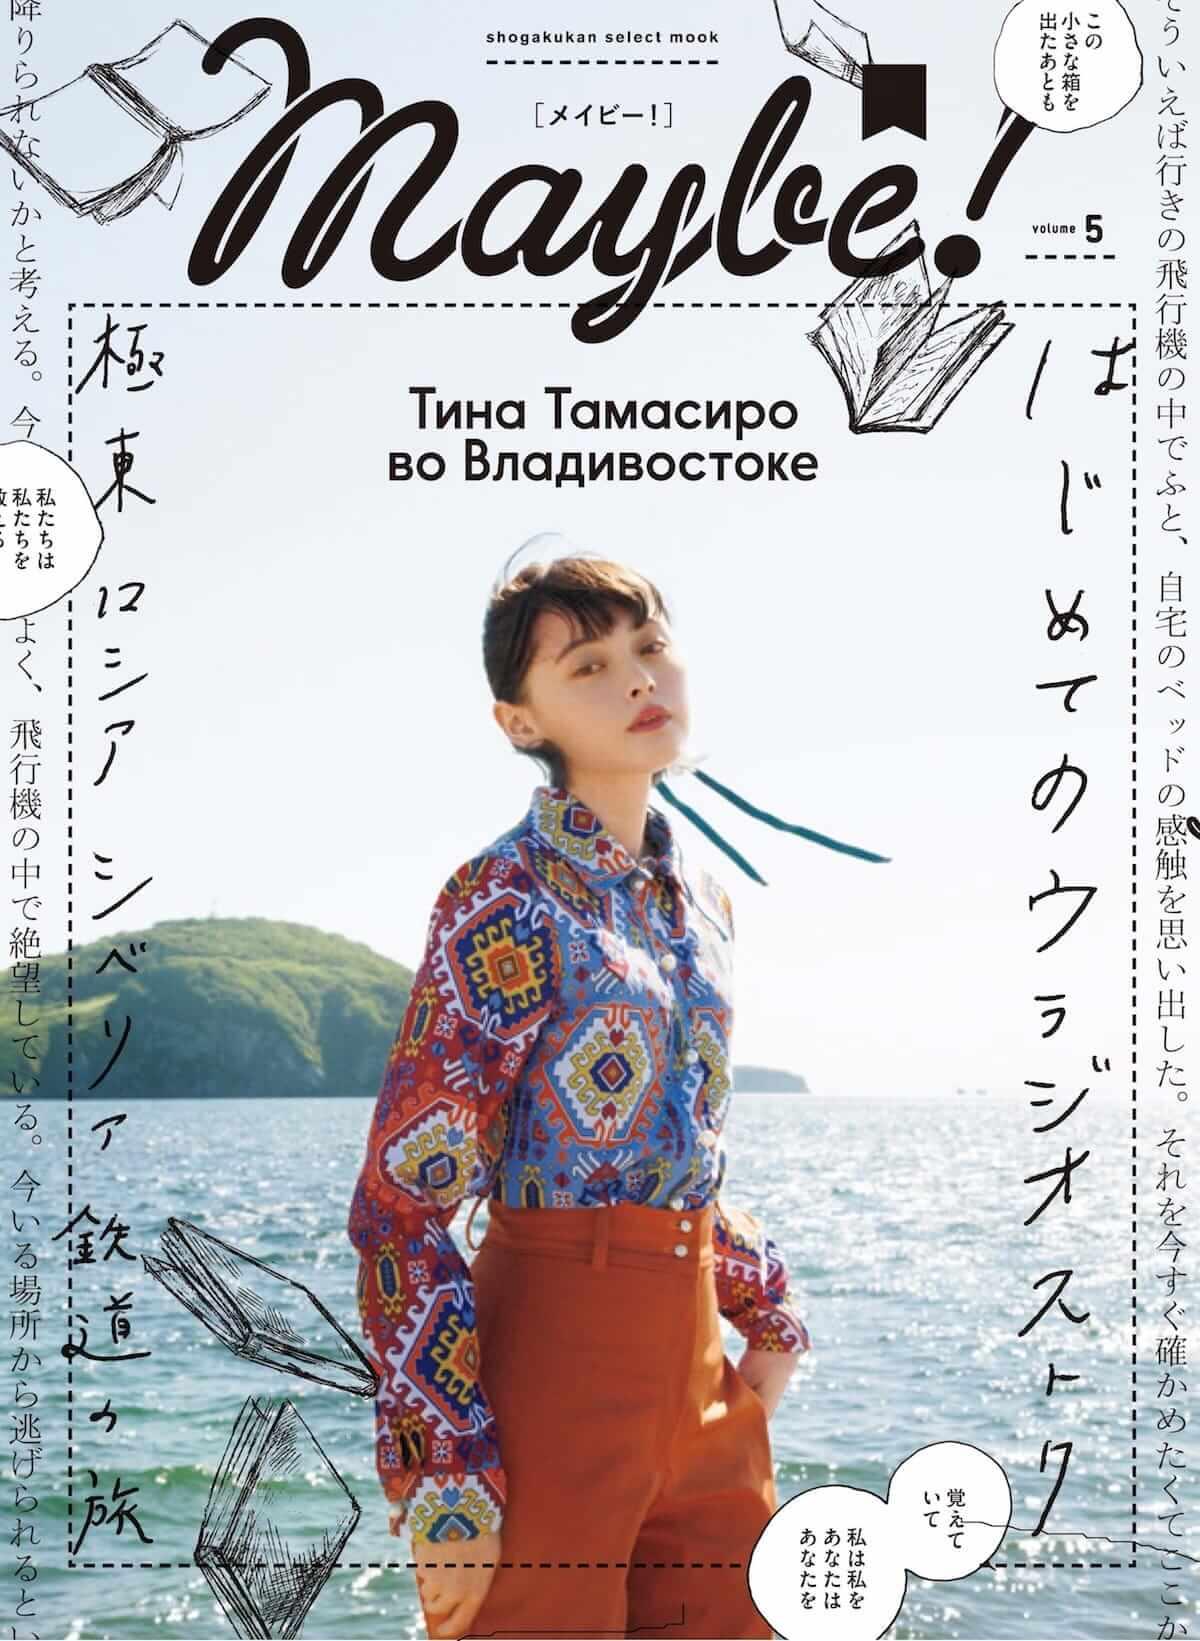 玉城ティナ、ロシア・ウラジオストクに降臨!飛行機で約2時間、そこは文化系女子の楽園だった! fashion180711_tina-tamashiro_6-1200x1641